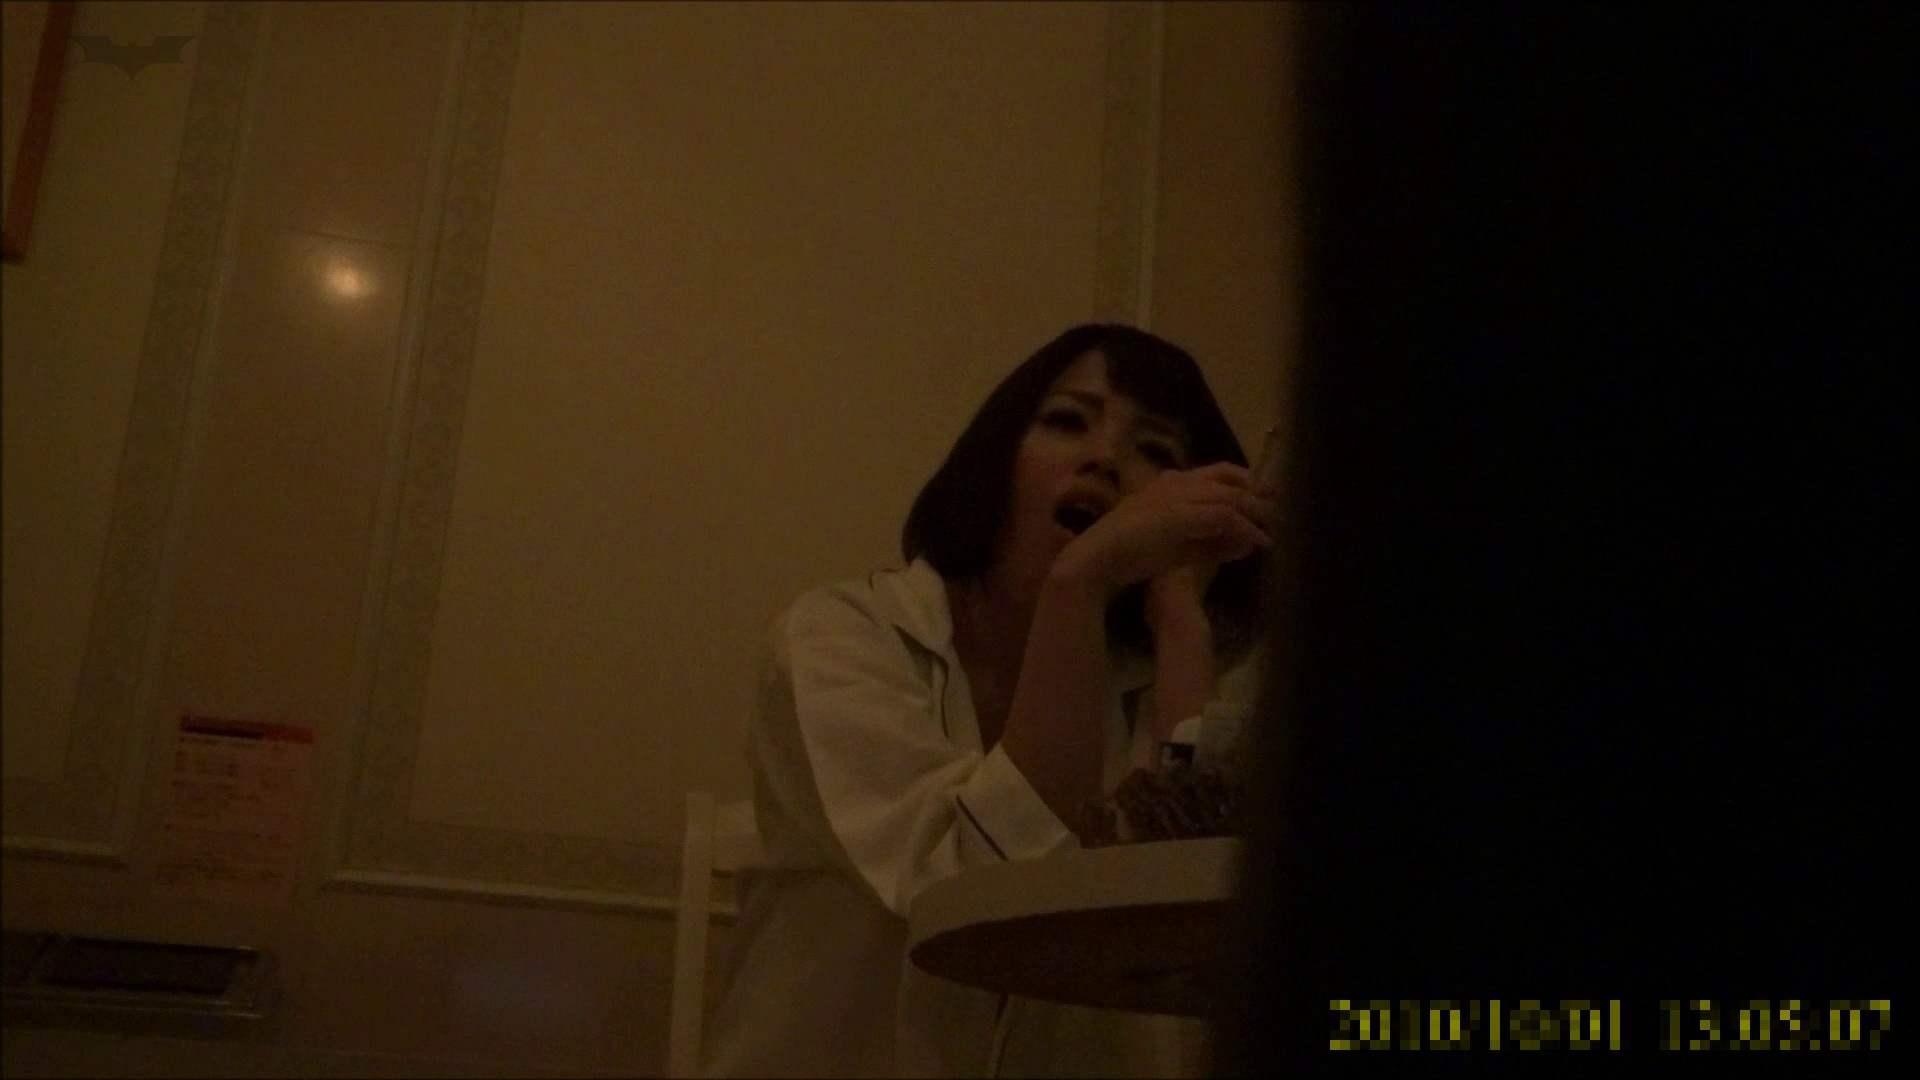 【未公開】vol.96 {茶髪→黒髪ギャル}美巨乳アミちゃん③【前編】 OLハメ撮り  83Pix 7